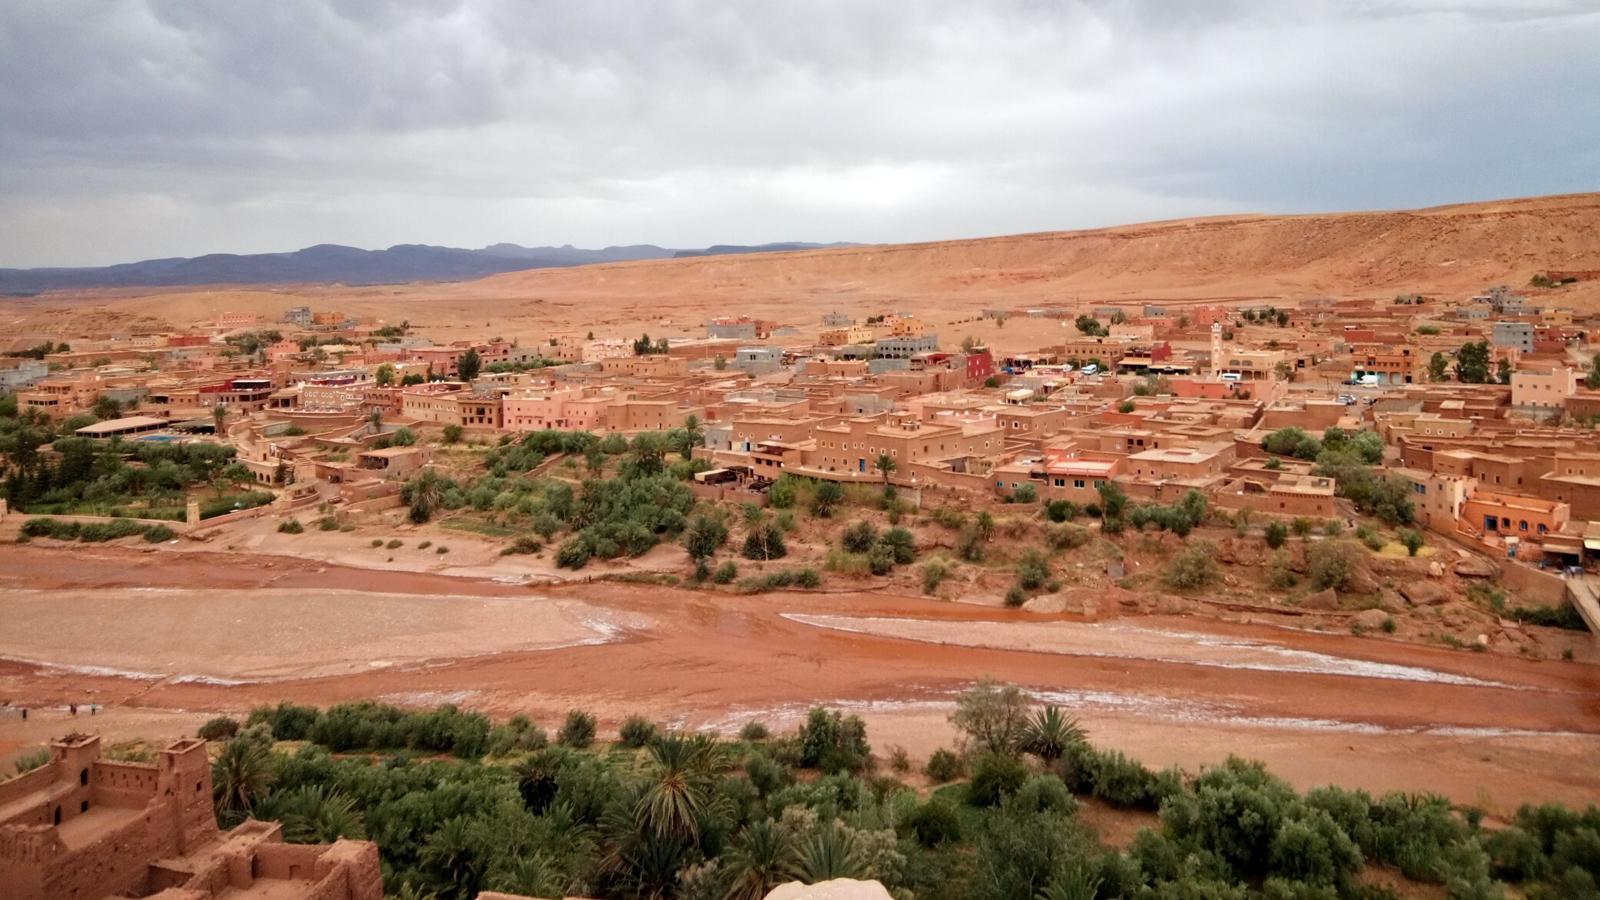 Road to Marrakech Erlebnisreise-Spanien, Marokko und Portugal Urlaub traveljunkies